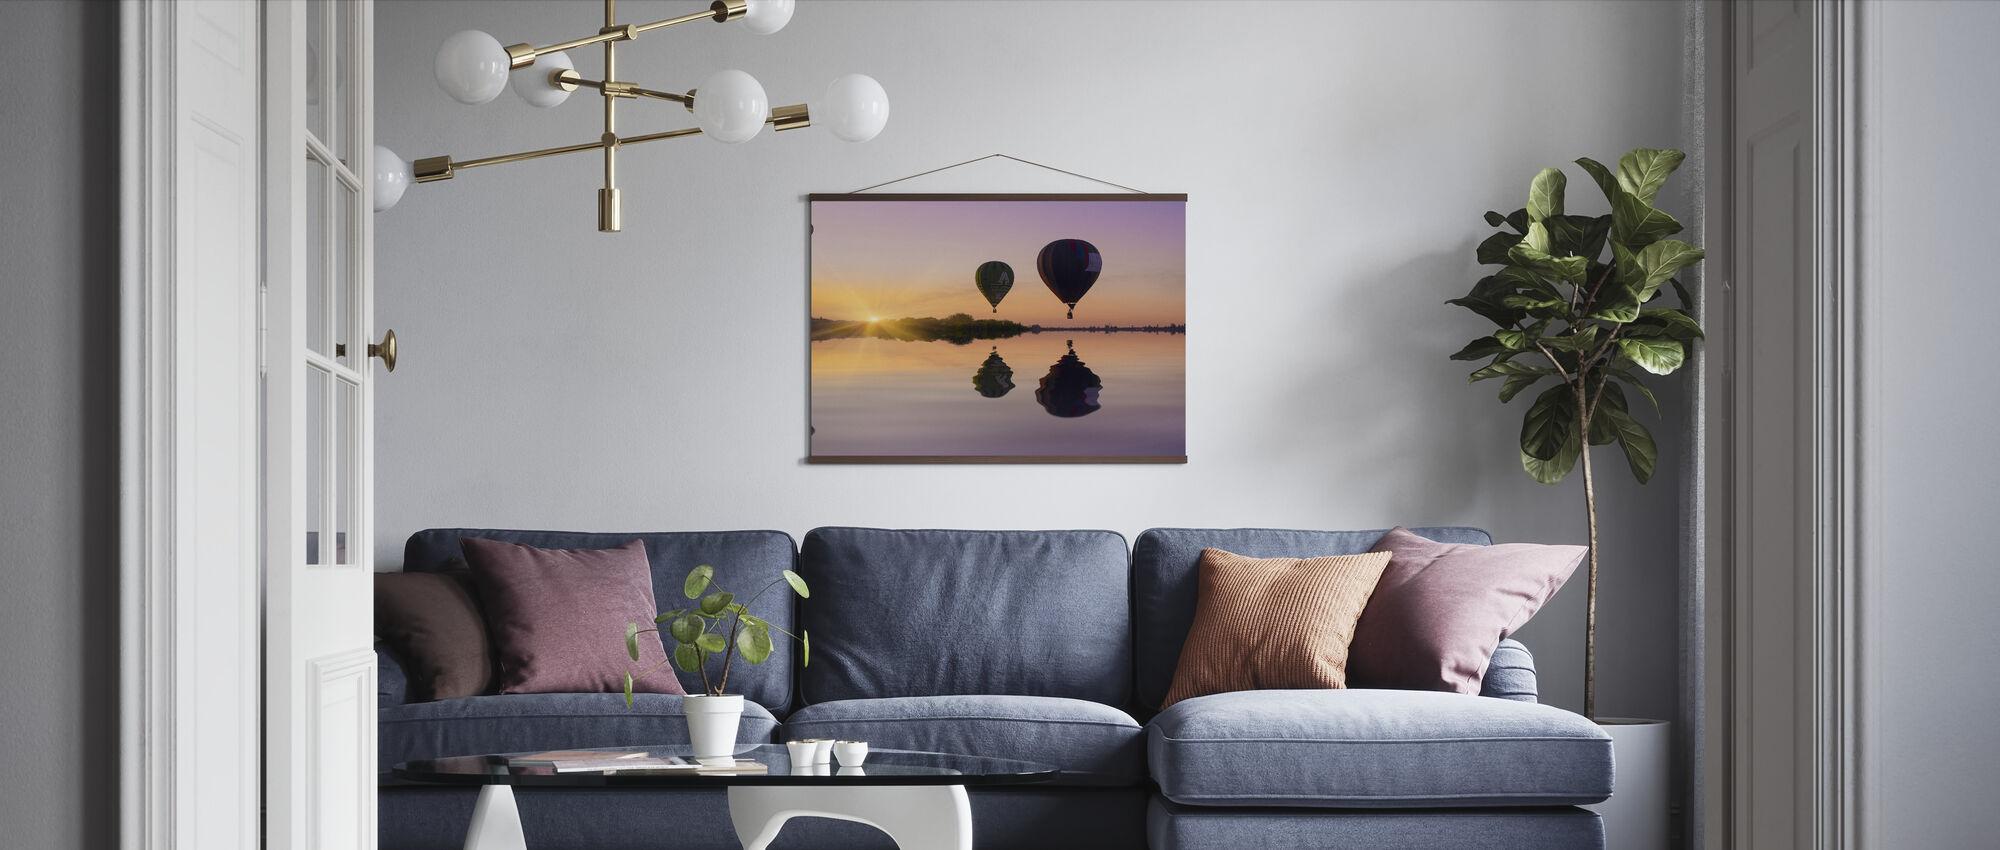 Kärlek är i luften - Poster - Vardagsrum